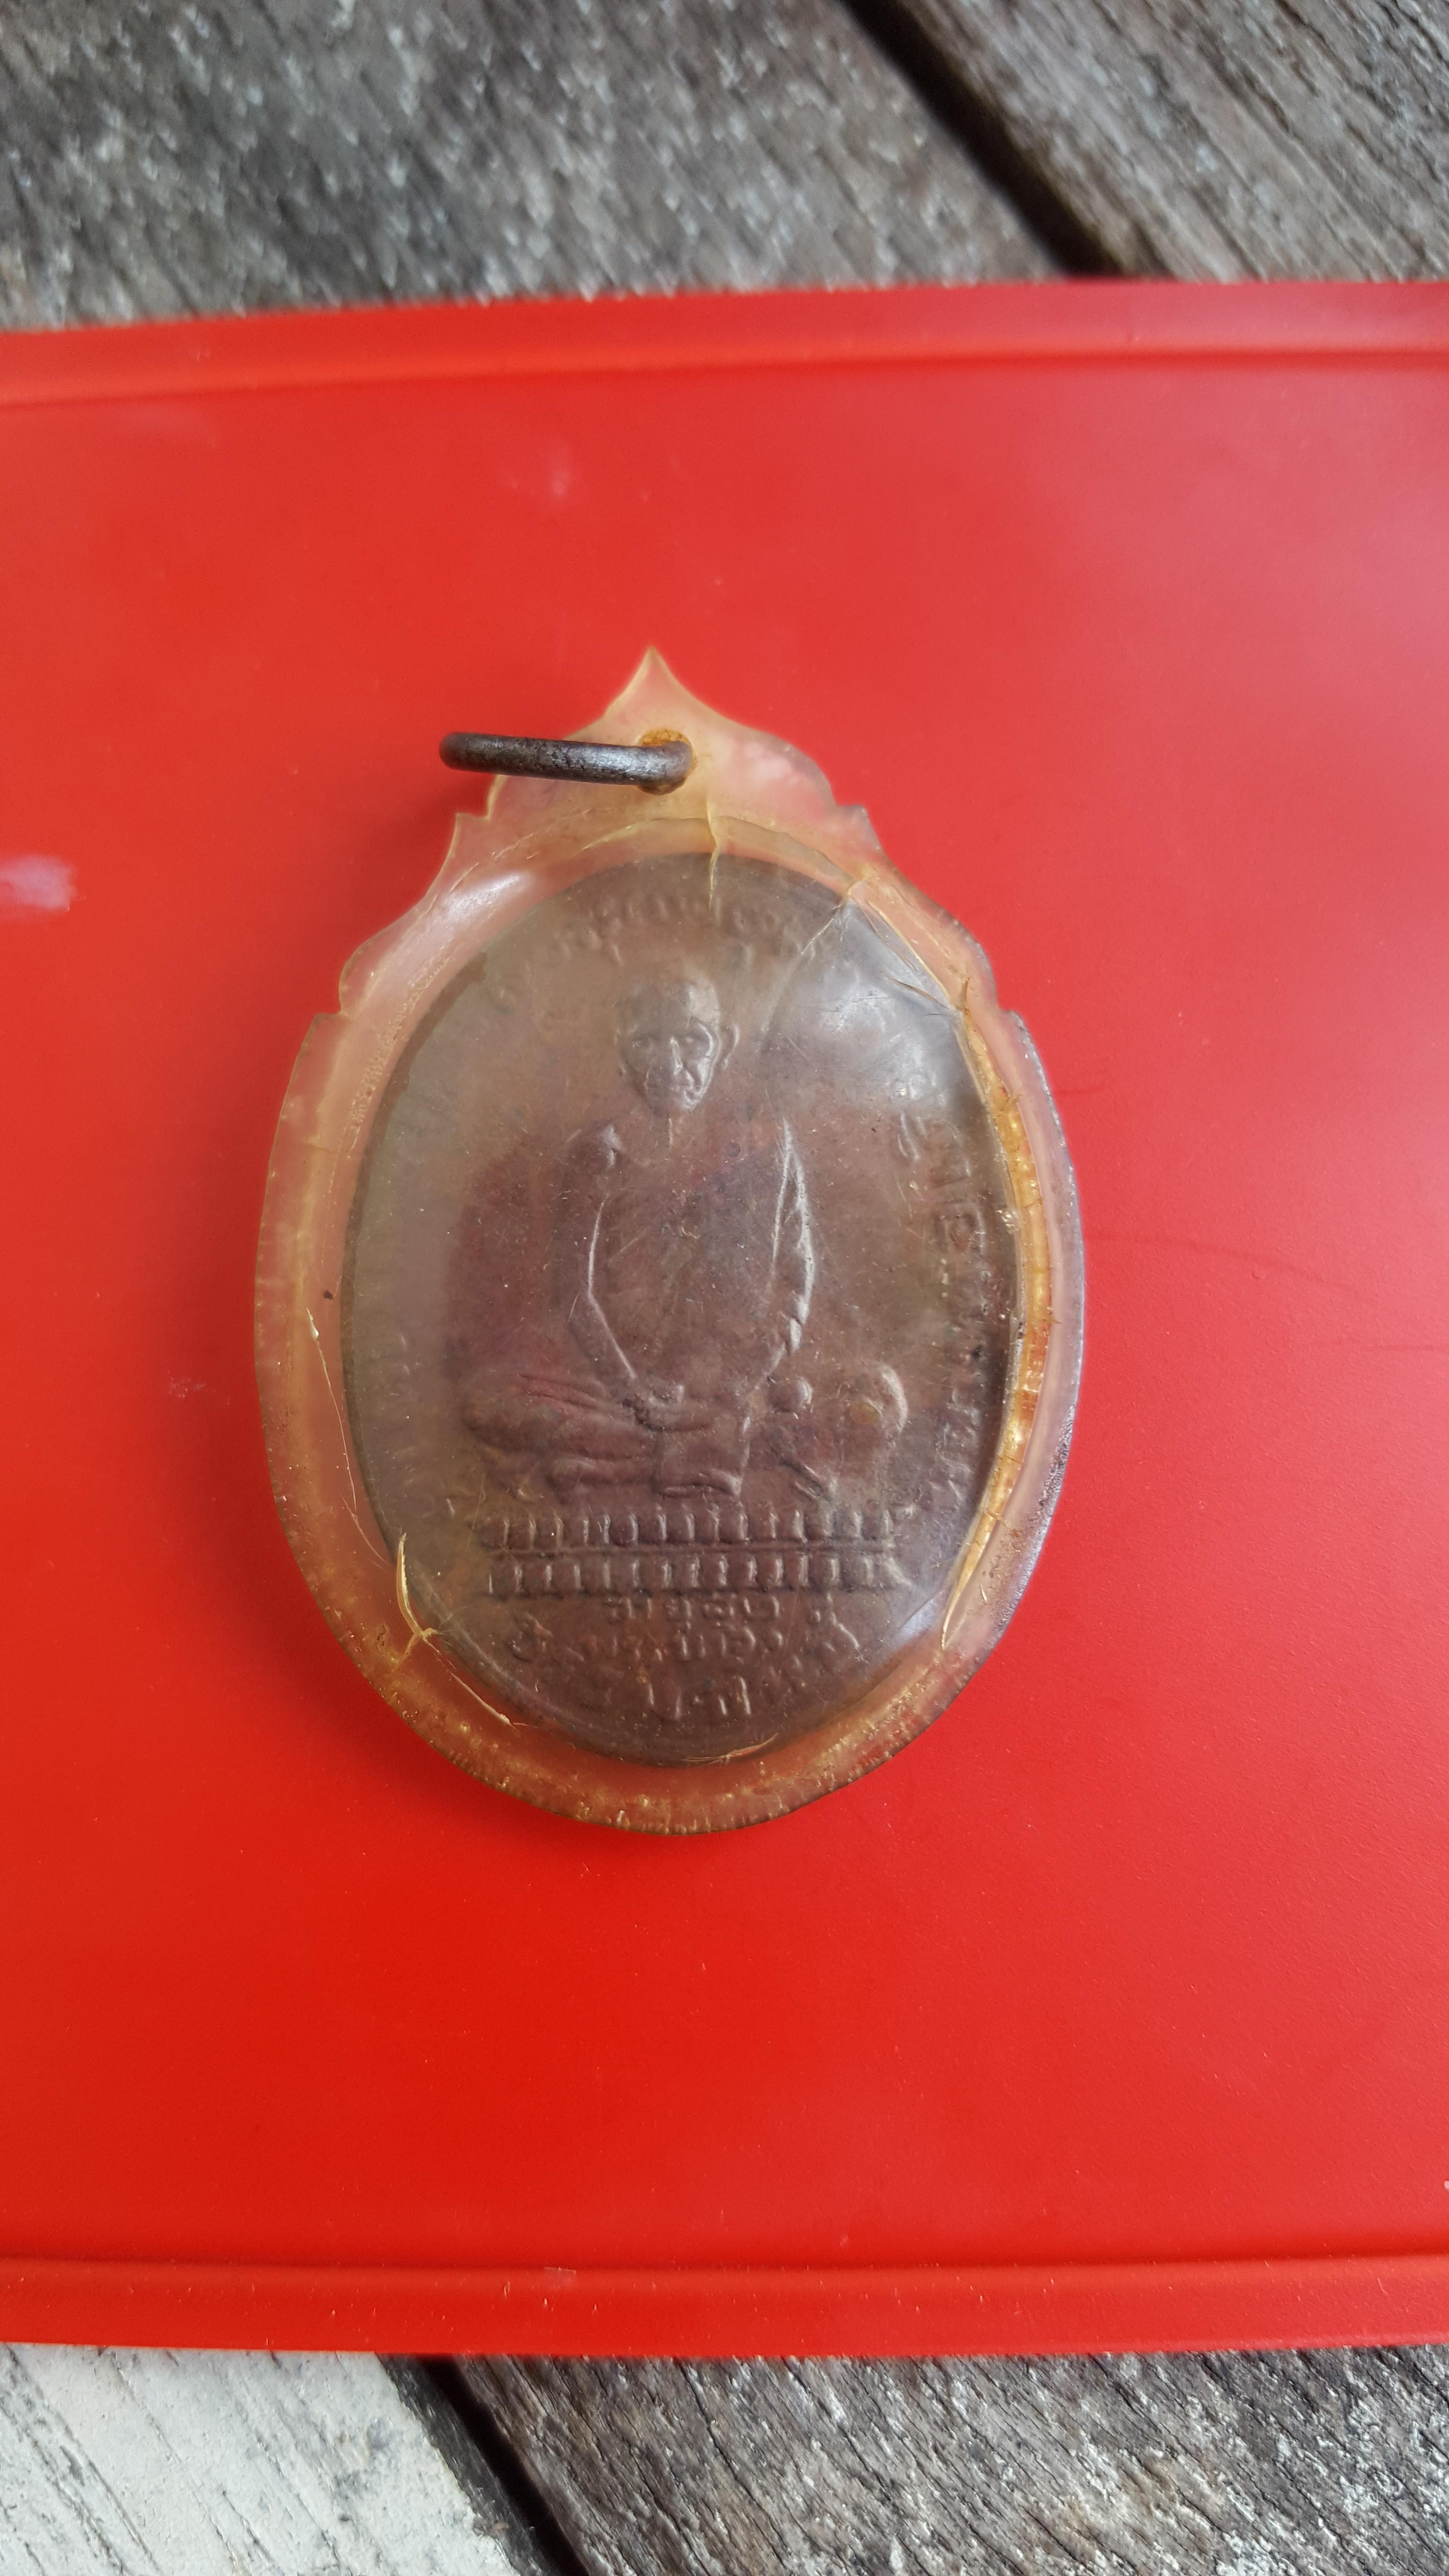 เหรียญหลวงพ่อเดิมวัดหนองโพธิ์ 2482 สถาพเก่าเดิม